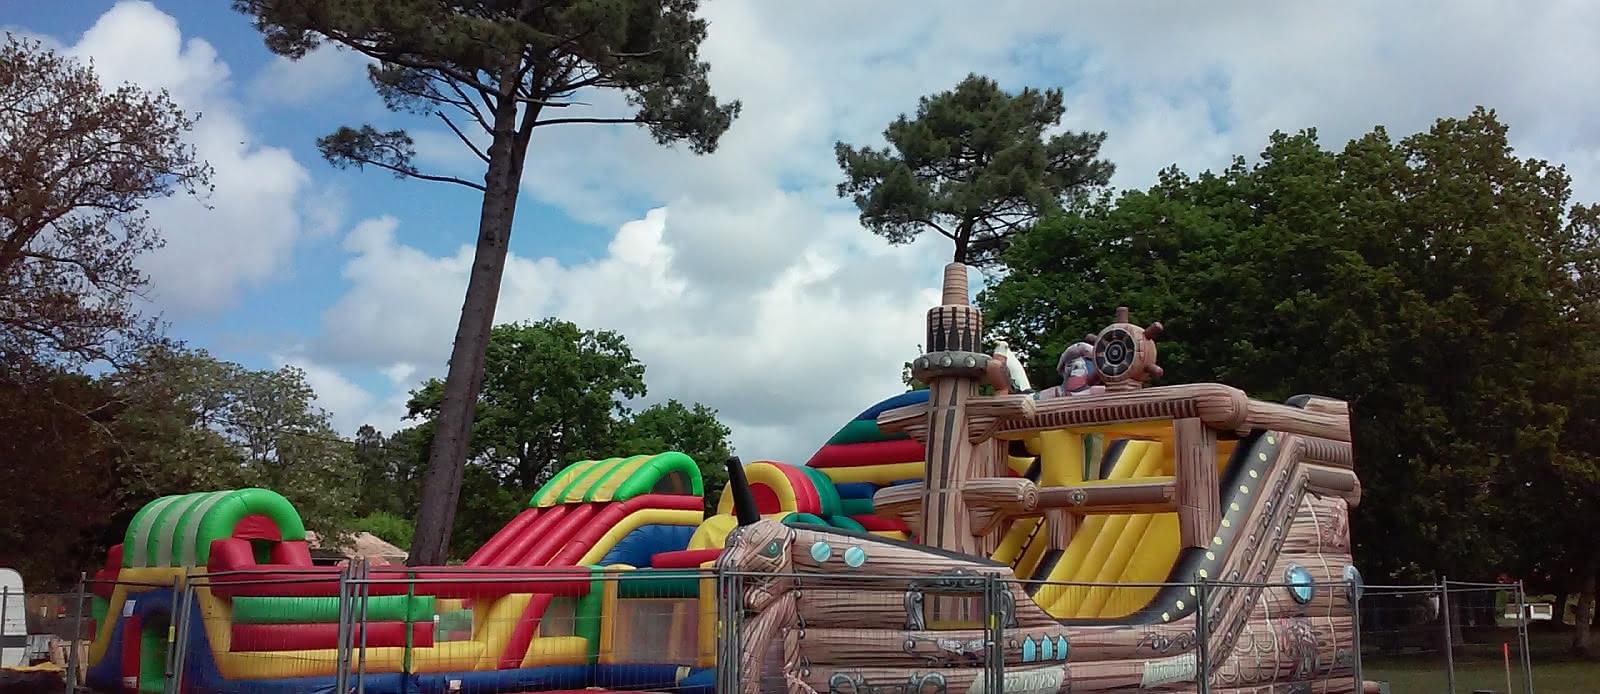 Parc-de-Loisirs-jeux-gonflables-Lacanau-Pinochapito2